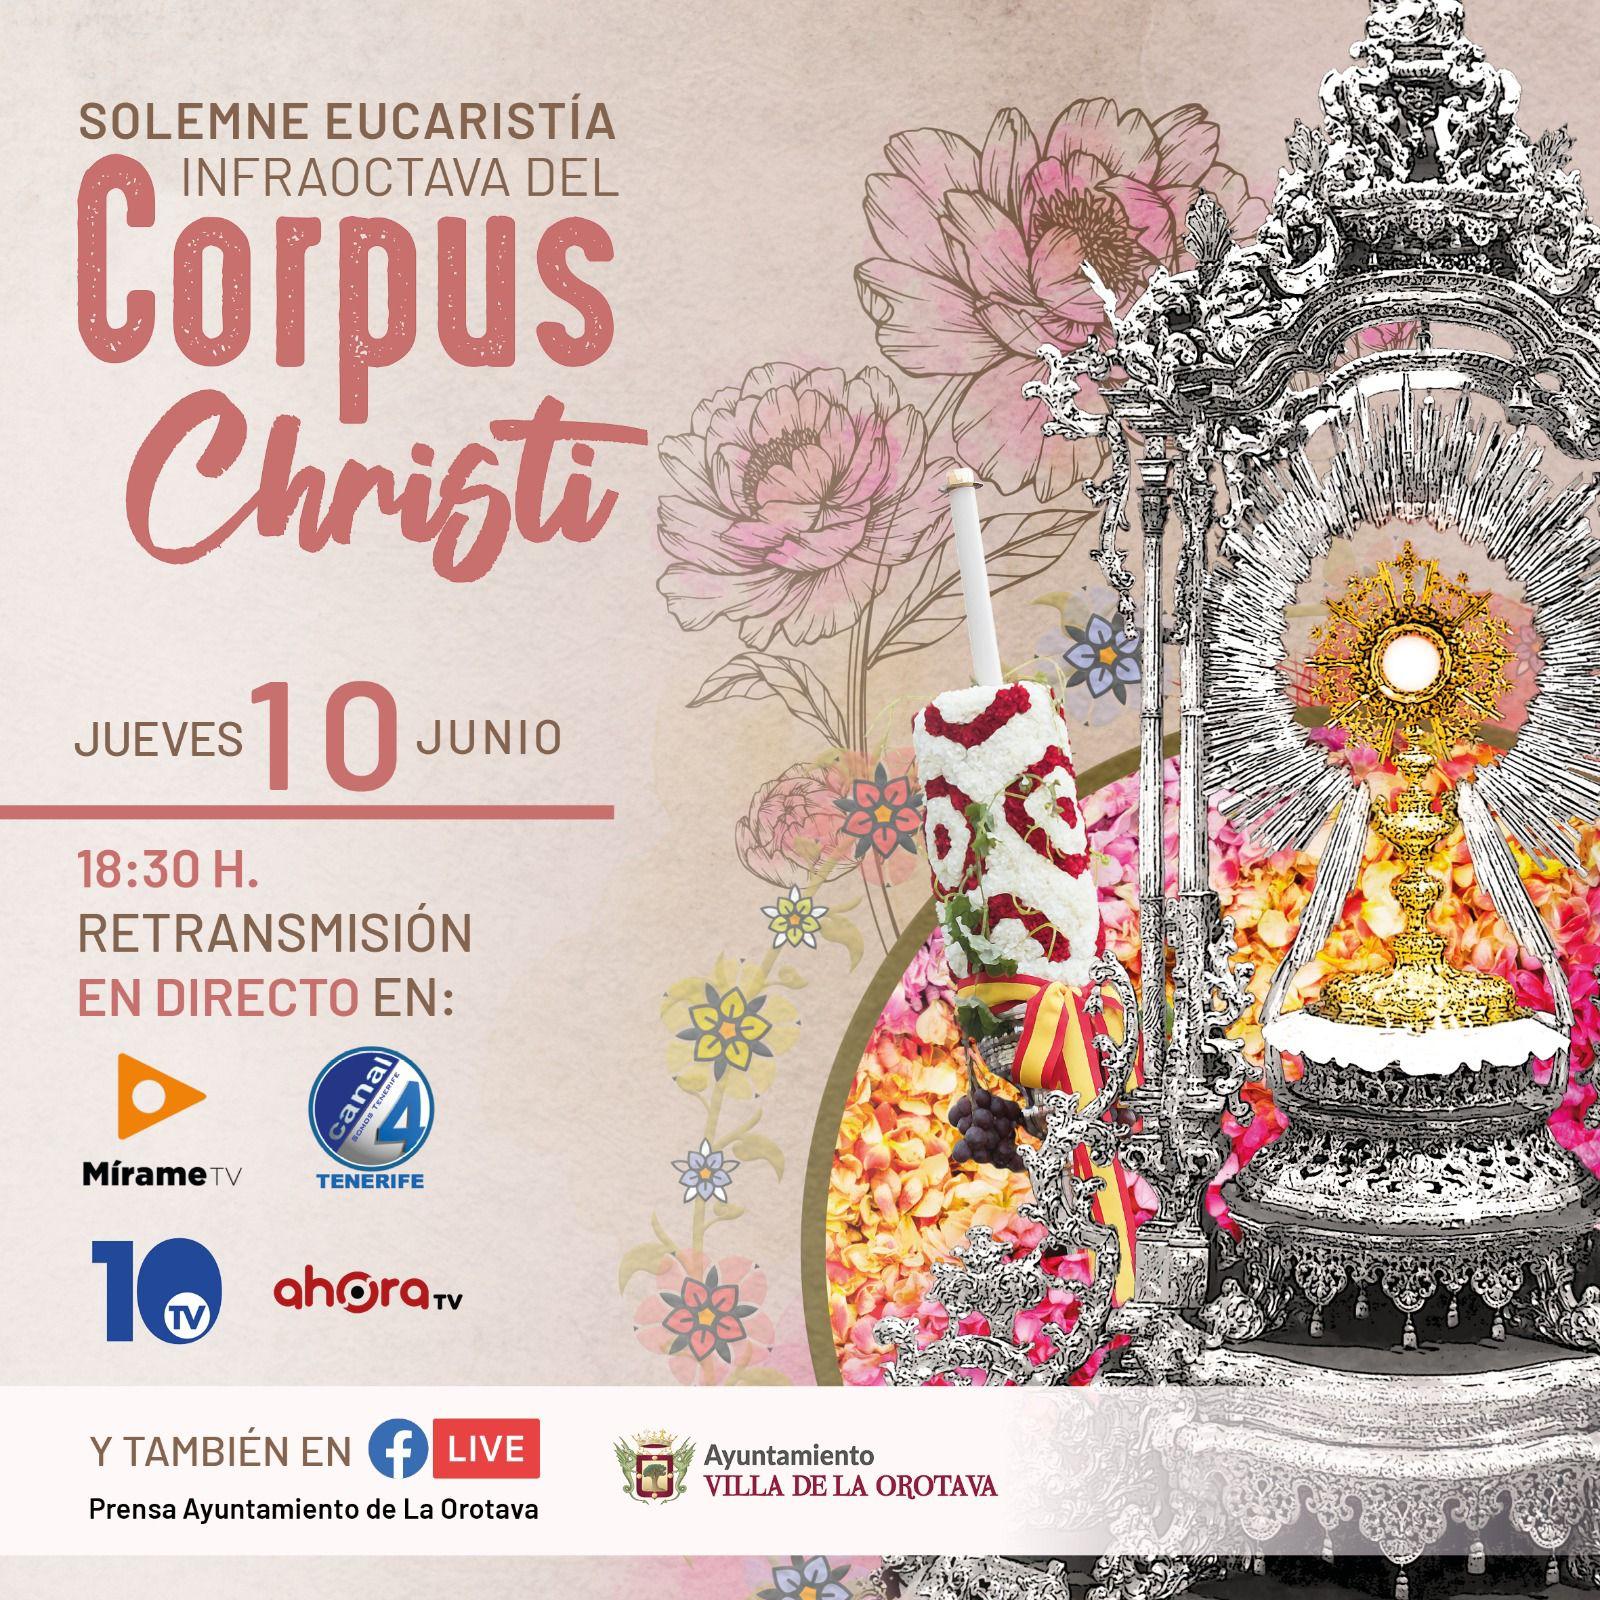 La emisión será el próximo jueves 10 de junio, a partir de las 18:30 horas, y se ofrecerá en directo por Canal 4 Tenerife, Mírame Televisión, La 10 Televisión y Ahora TV, así como por la página oficial de Facebook del Ayuntamiento de La Orotava